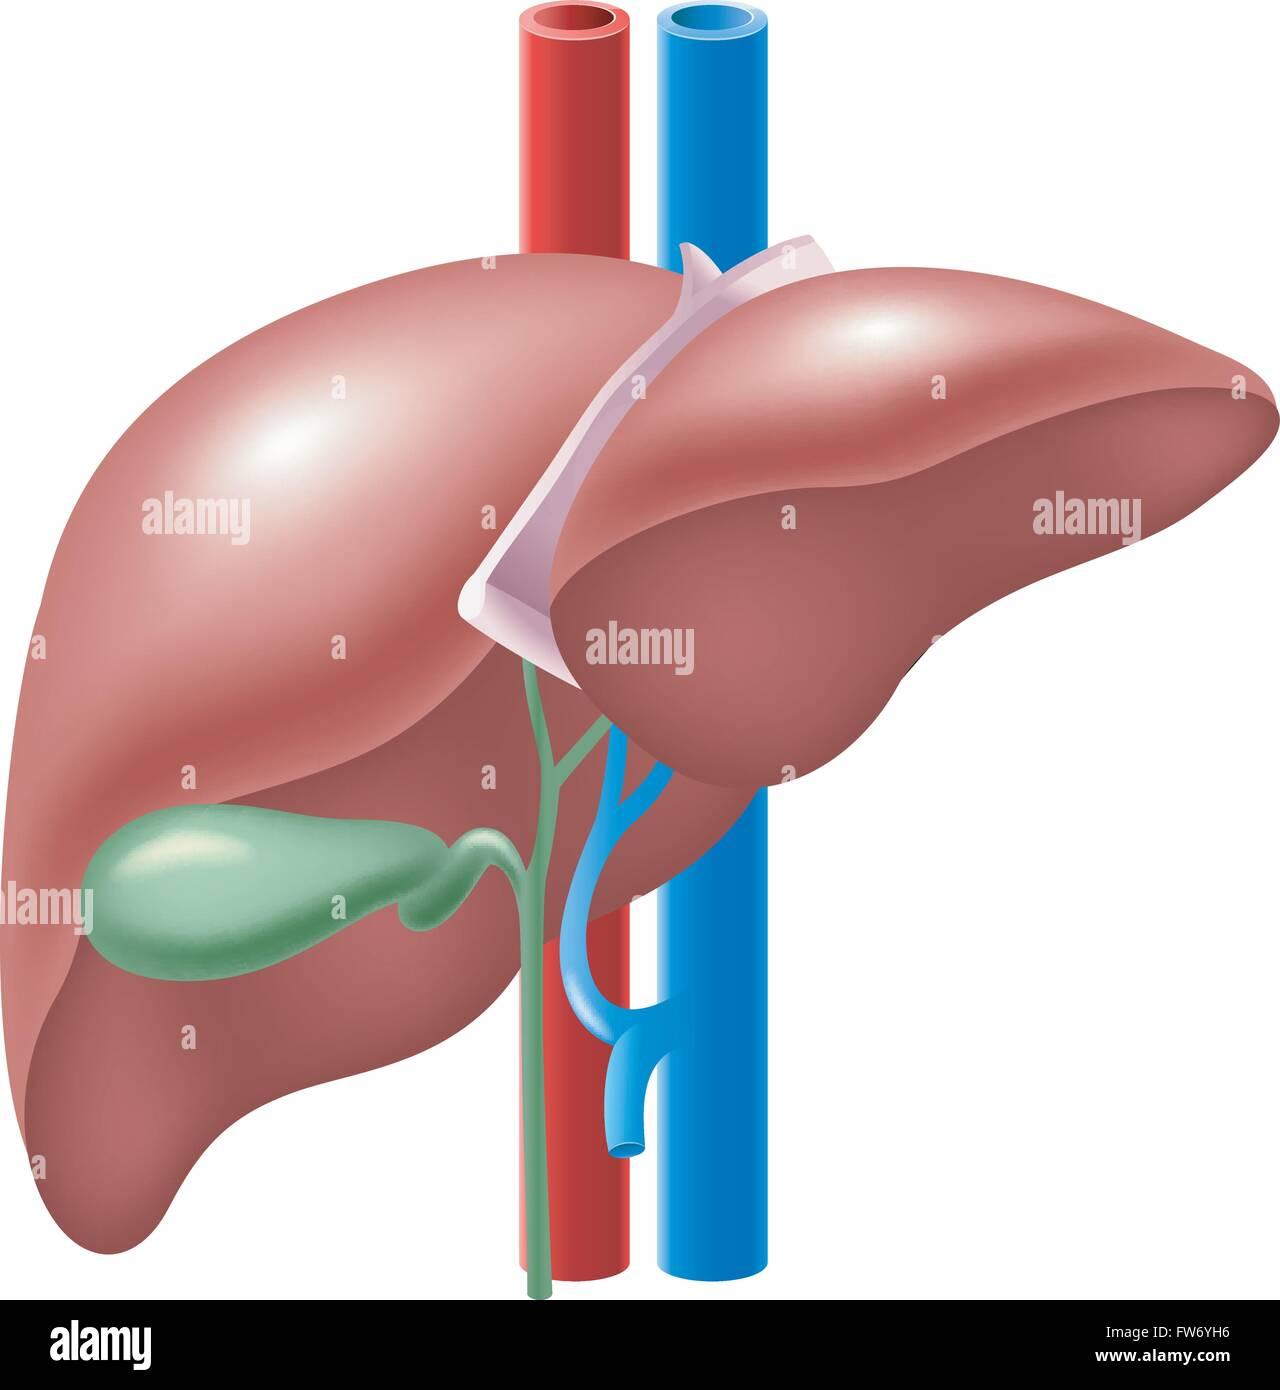 Ilustración del hígado y de la Vesícula Biliar Humana Ilustración ...